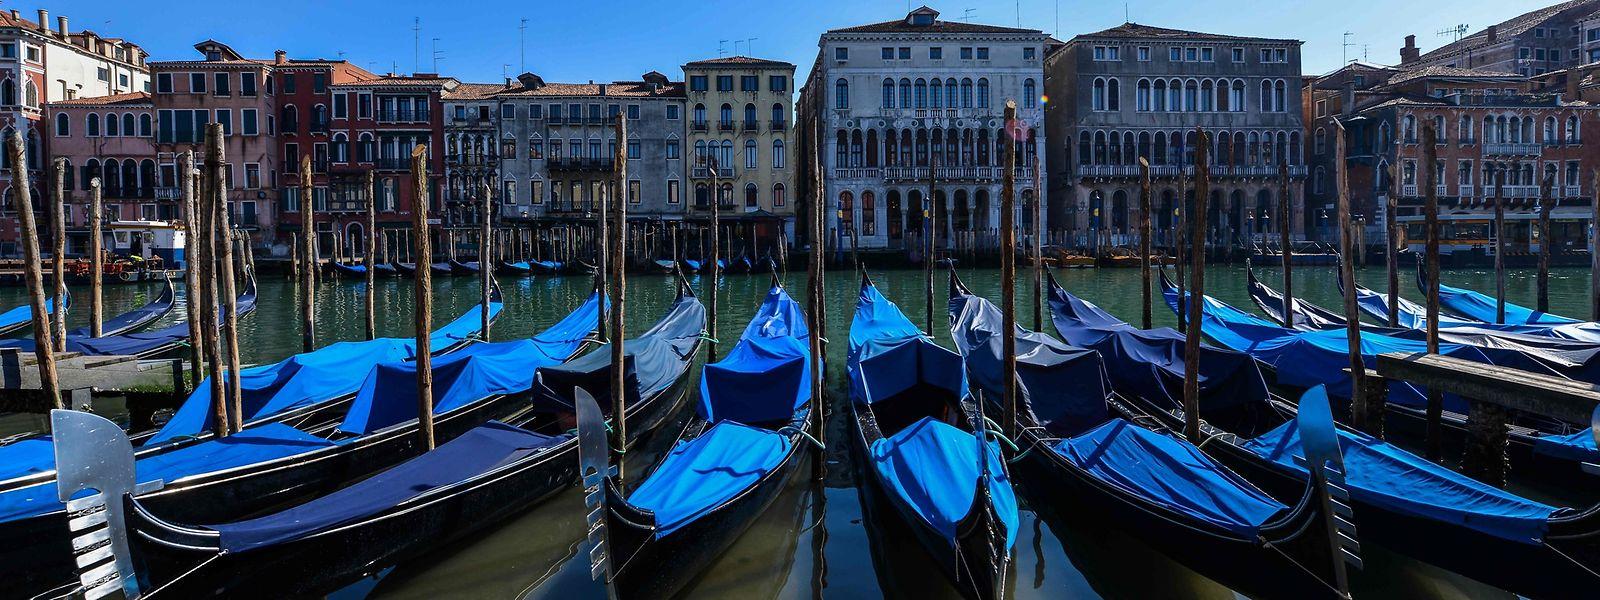 Besucher haben Venedig verlassen, und das Wasser wird klarer.